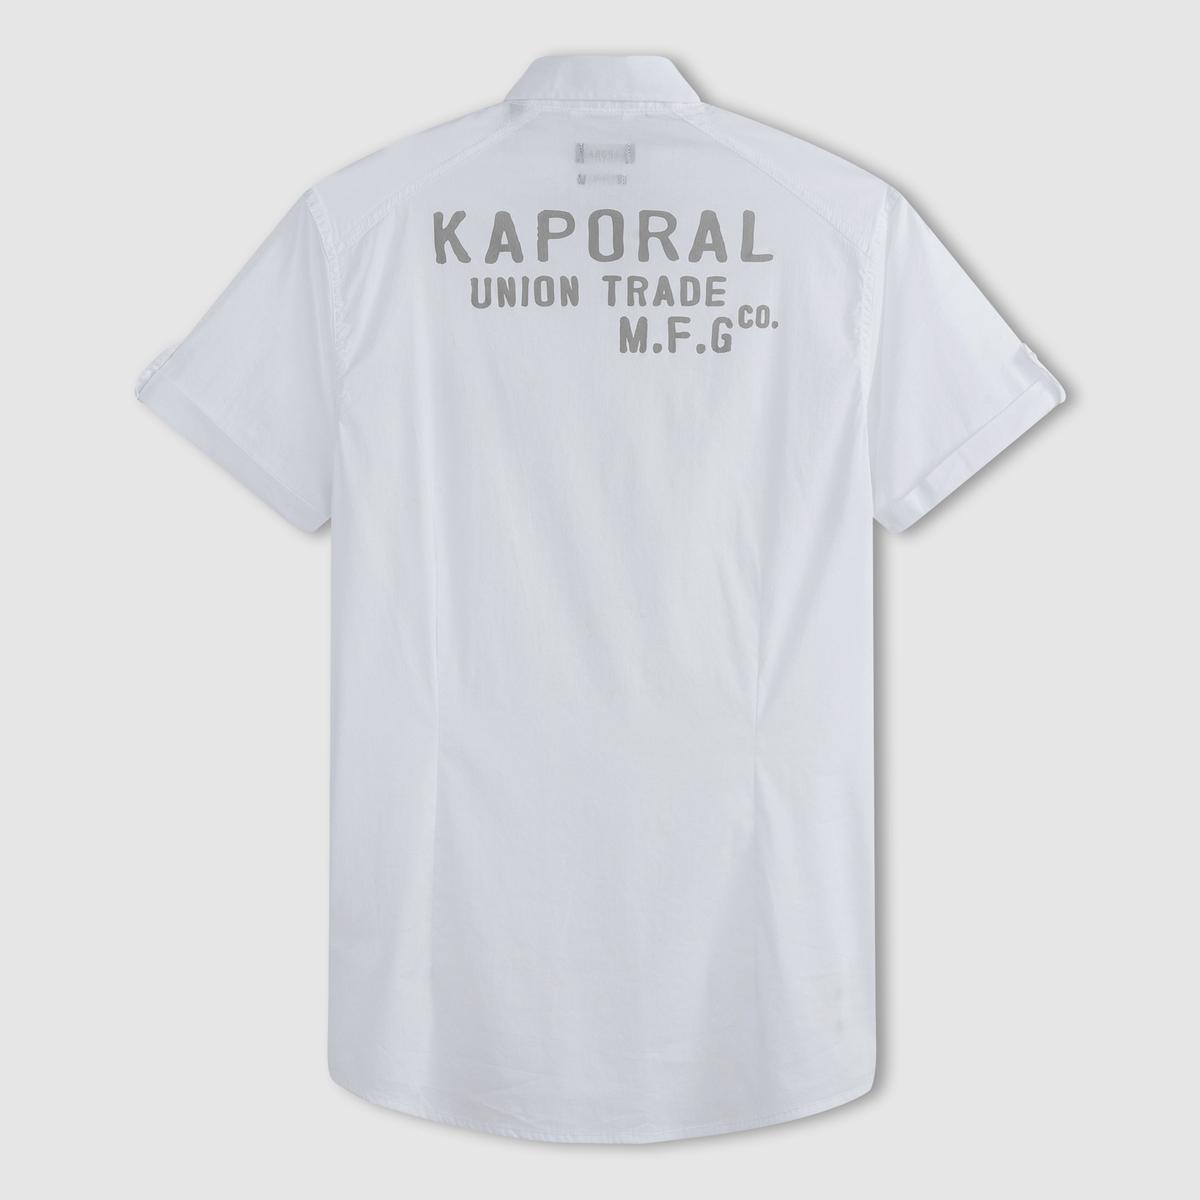 Рубашка с короткими рукавамиРубашка с короткими рукавами, FARC - KAPORAL. Прямой покрой и классический воротник со свободными уголками. 2 нагрудных кармана с клапаном на пуговице. Рукава с отворотами и планкой-застежкой на пуговицу. Принт KAPORAL сзади.Состав и описаниеМатериал: 67% хлопка, 28% полиамида, 5% эластана.Марка: KAPORAL.<br><br>Цвет: белый,коралловый,черный<br>Размер: M.S